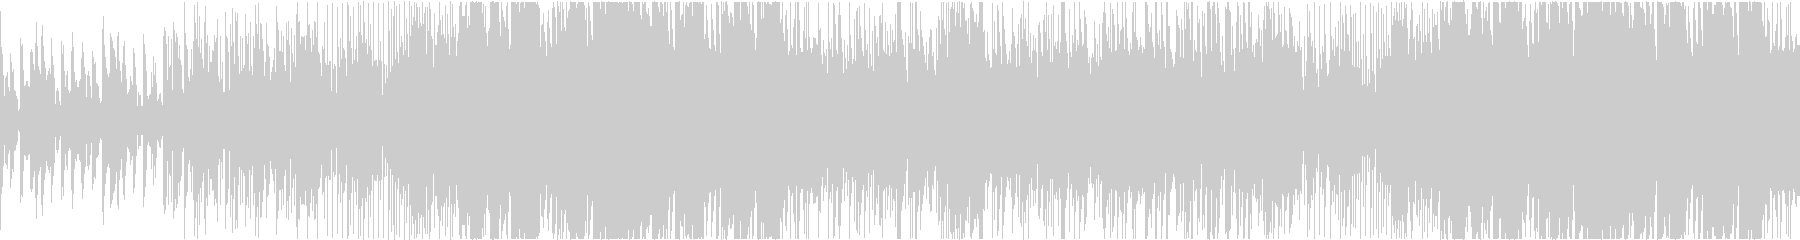 マイナーの切ないfuture bassの未再生の波形